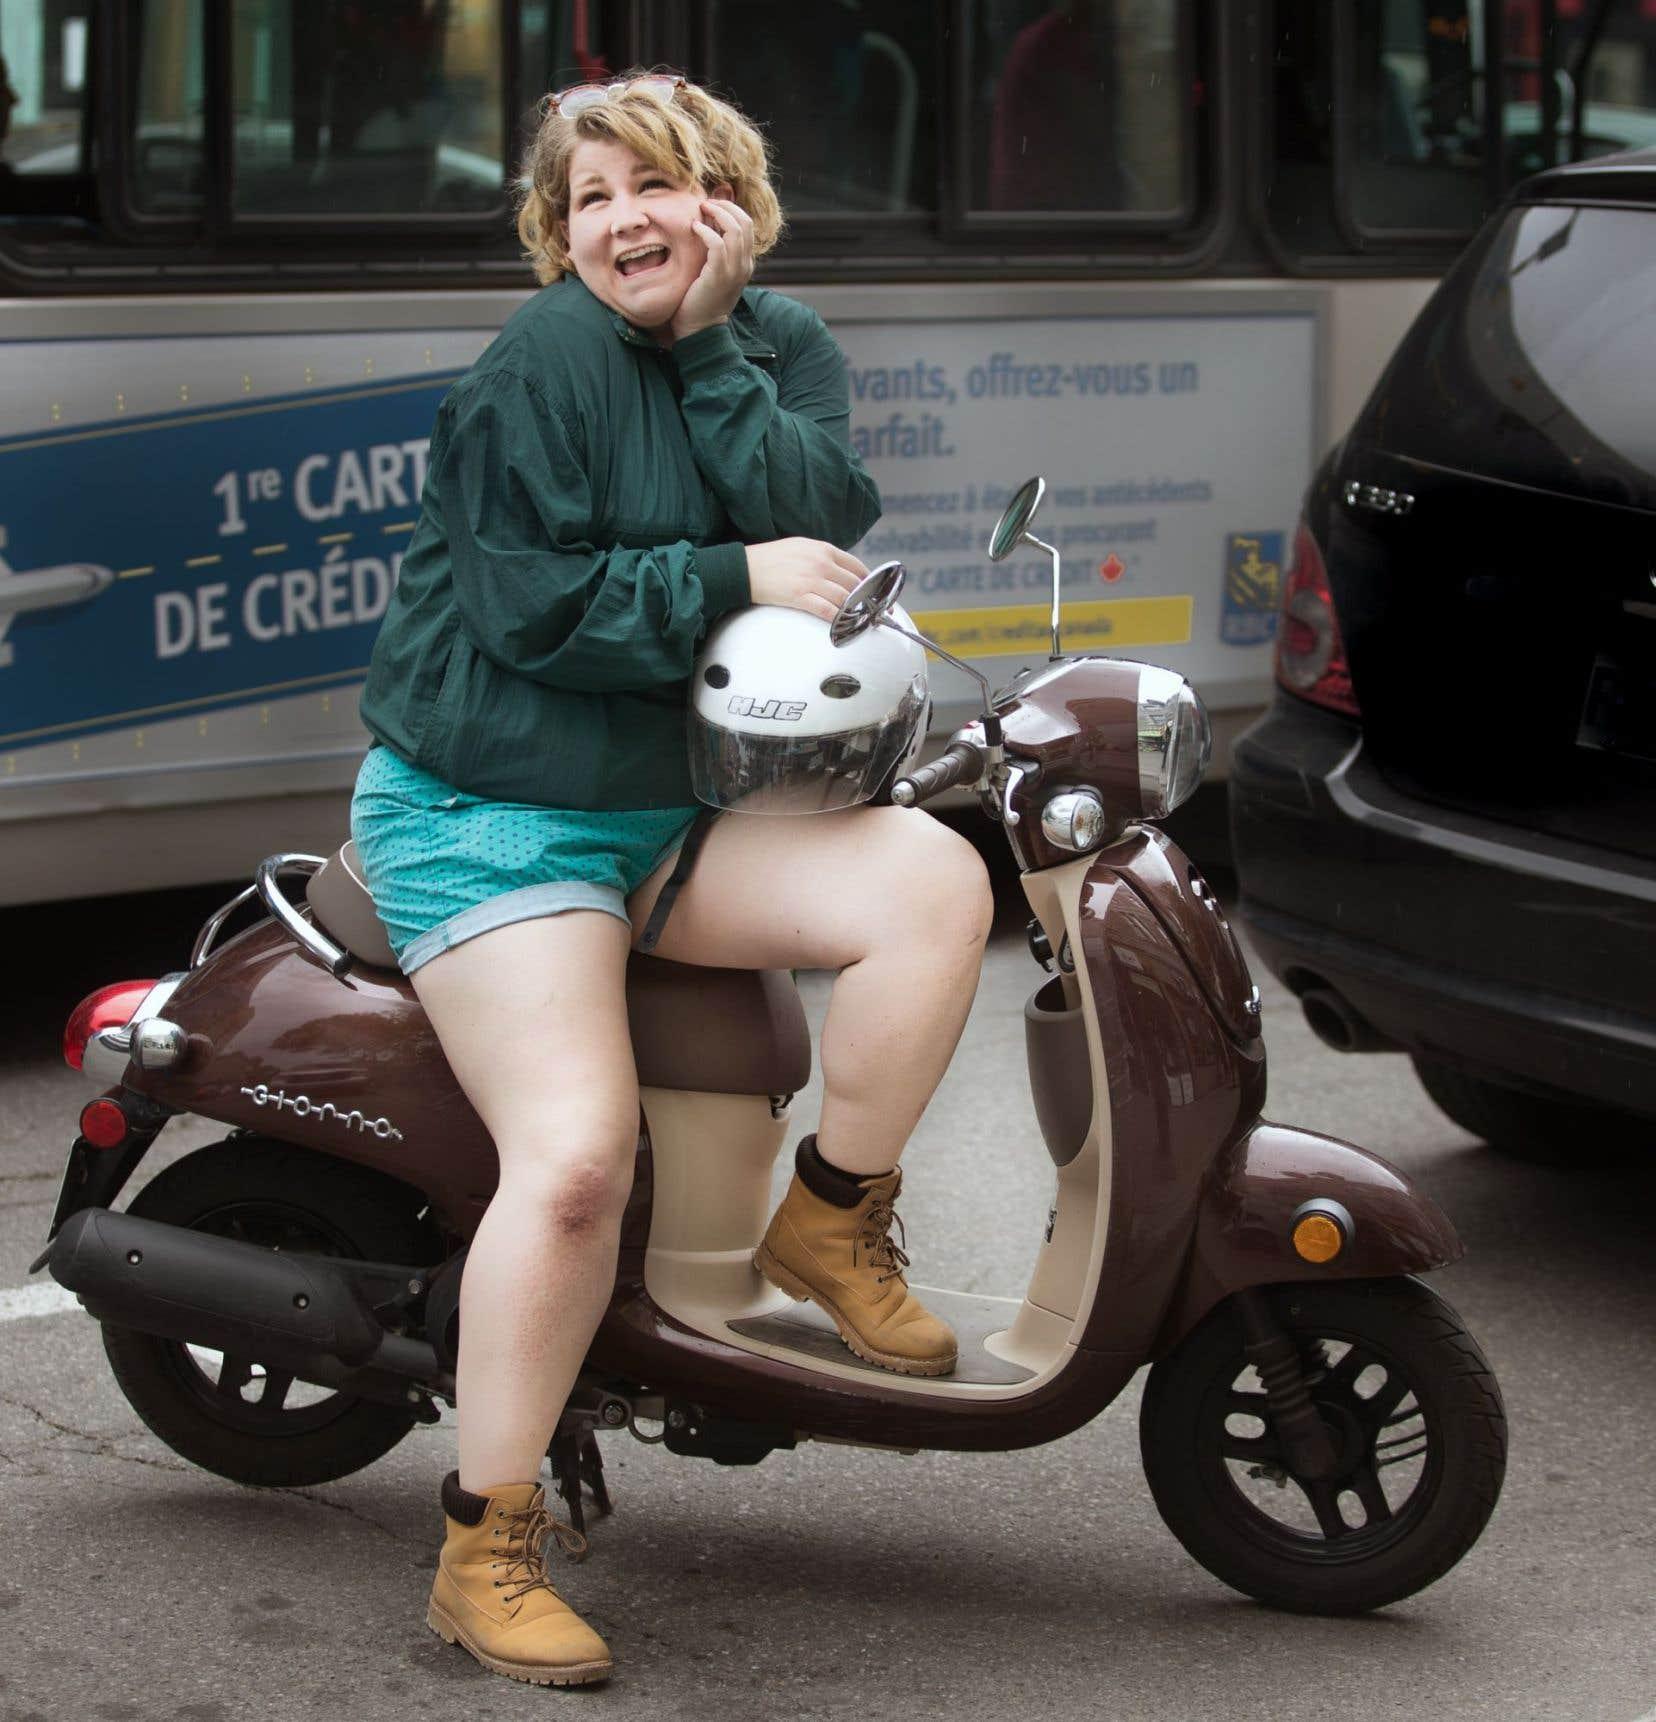 D'abord formée en théâtre, avant son déménagement à Montréal afin de s'inscrire à l'École nationale de l'humour, Coco Belliveau aime raconter des histoires sur scène. Assumant son «petit côté weirdo», elle donne aussi parfois dans «l'humour d'observation absurde».